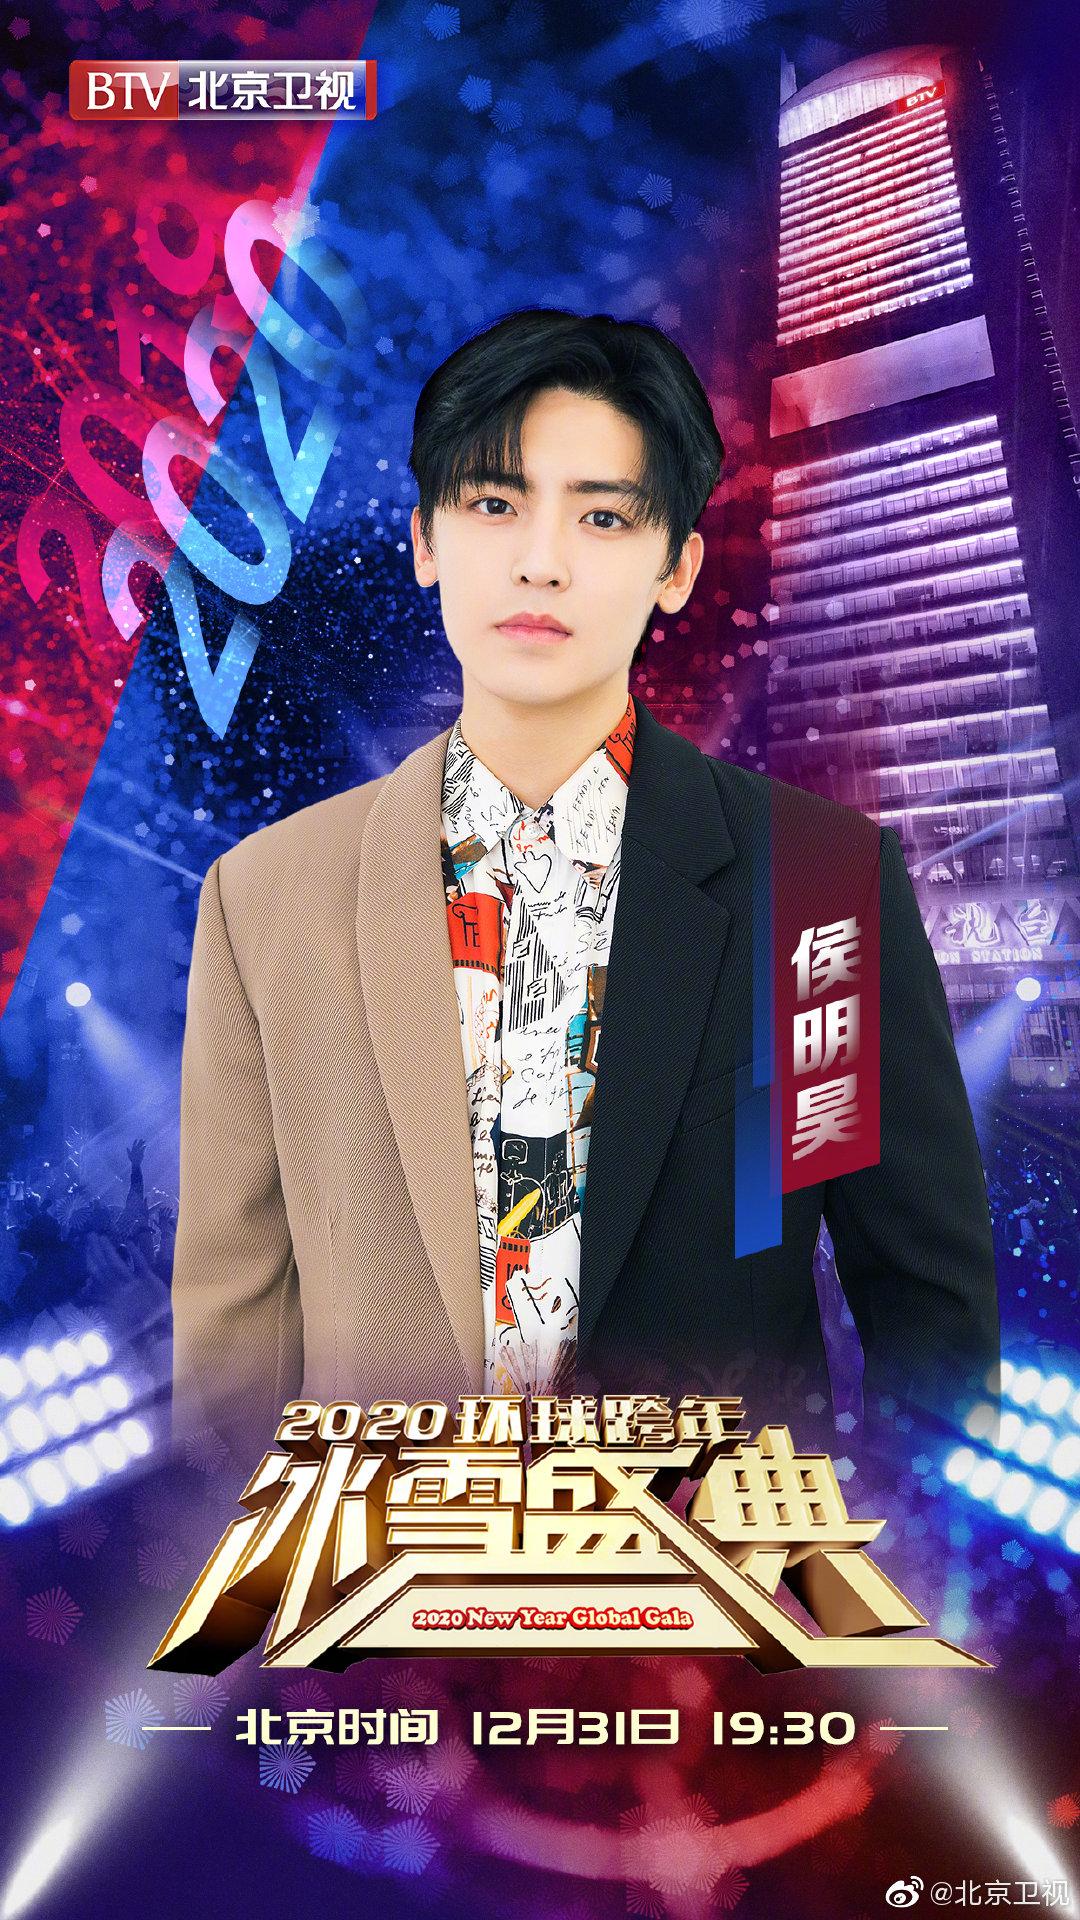 张也北京演唱会直播_2020北京卫视跨年演唱会直播在线观看 附完整嘉宾名单_大河票务网